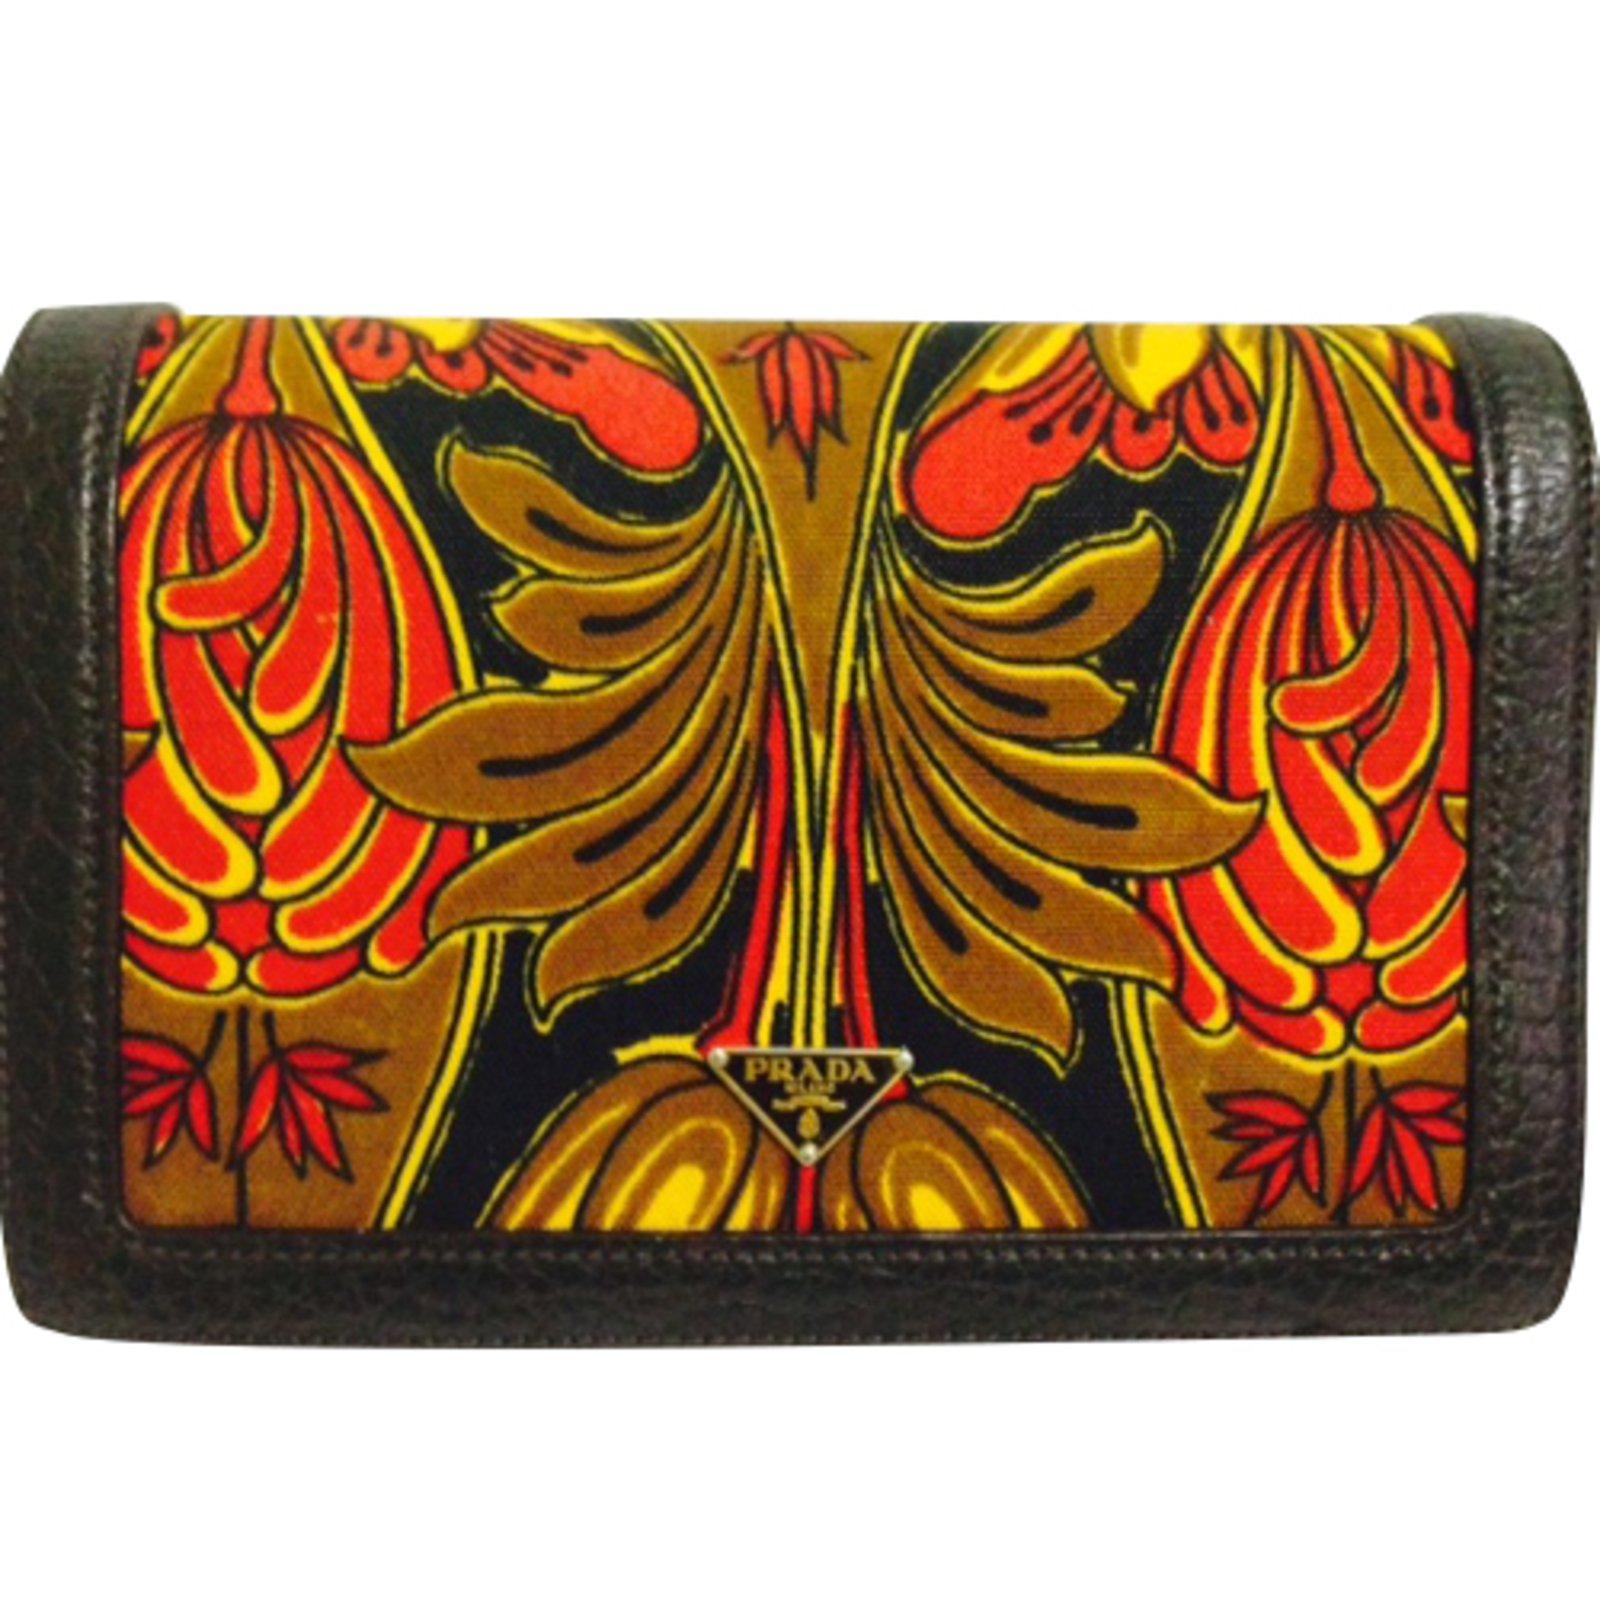 ... nylon tote bag in black 3256b 1462d ... Prada BN0956 CANAPA TULIPANO  ROSSO+EBANO Handbags Cloth Multiple colors ref.42233 - Joli ... ebd91a27f6